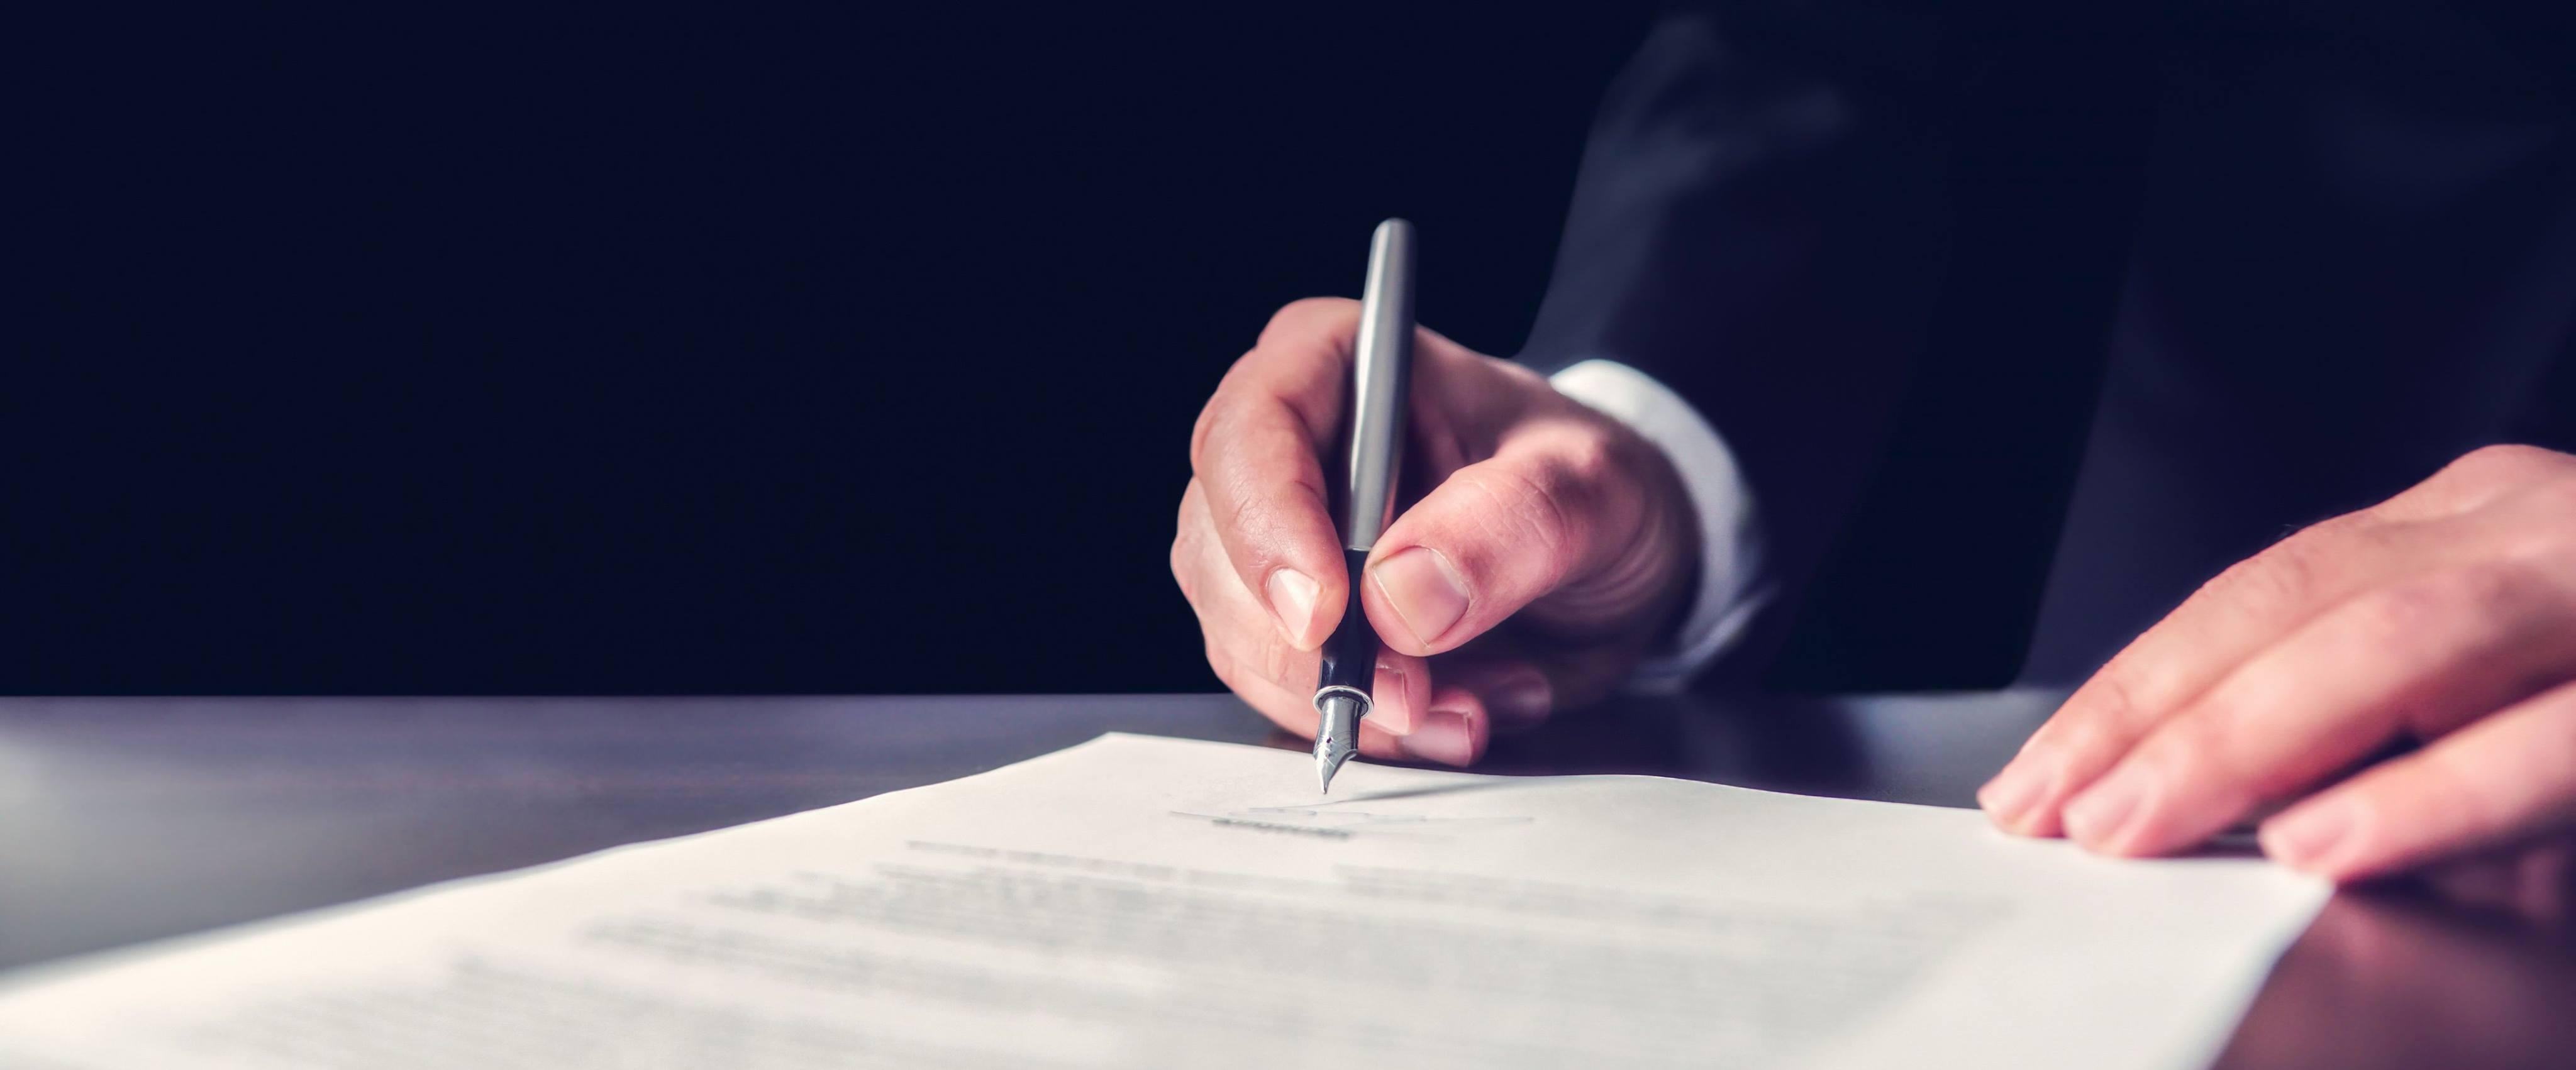 estate planning attorney in monroe michigan estate planning lawyer